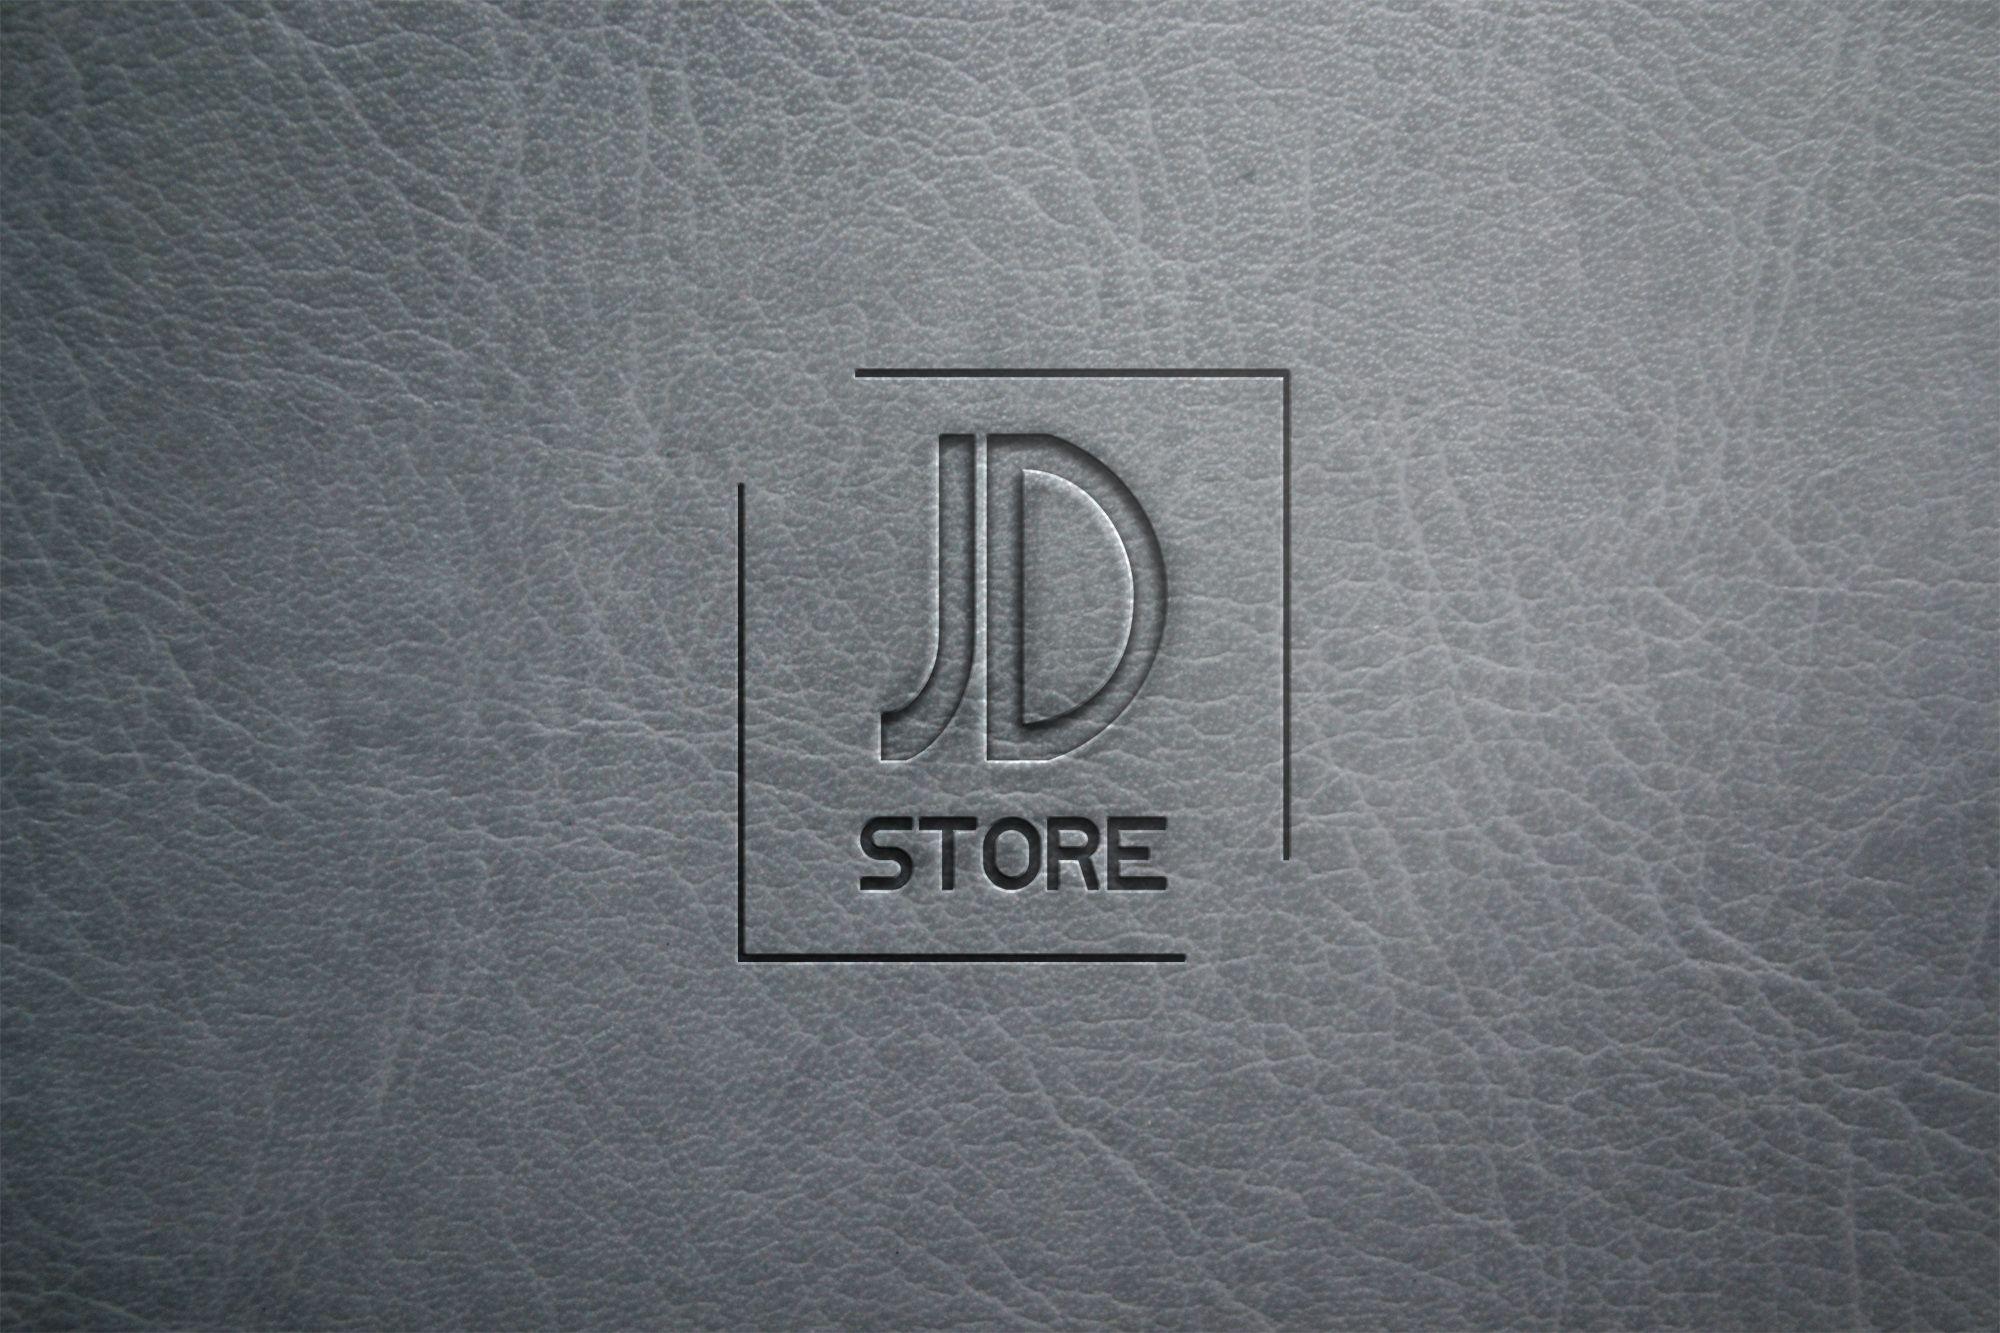 Логотип для  магазина-ателье  - дизайнер exes_19